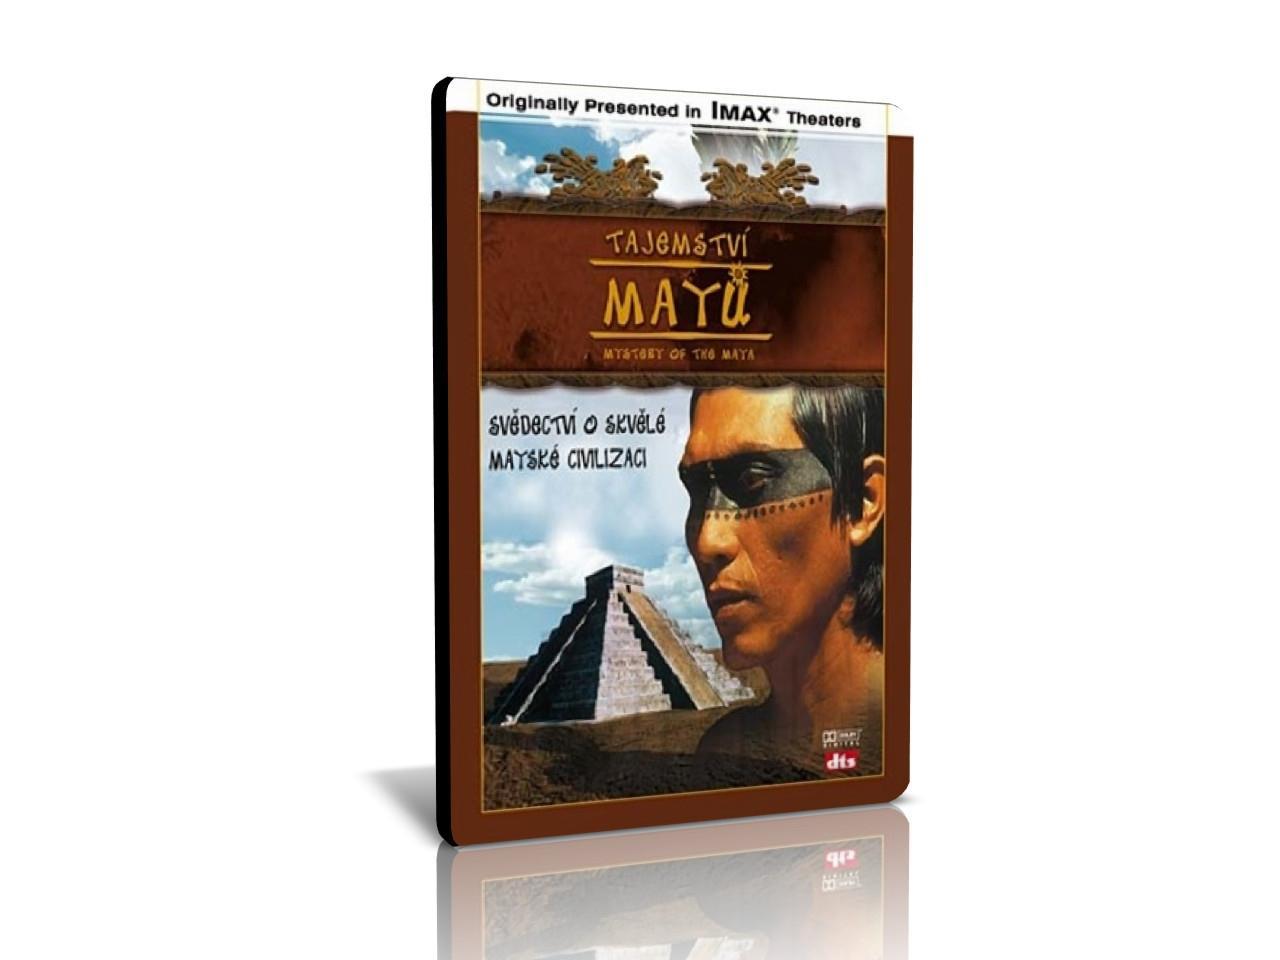 IMAX: Tajemství Mayů (DVD)